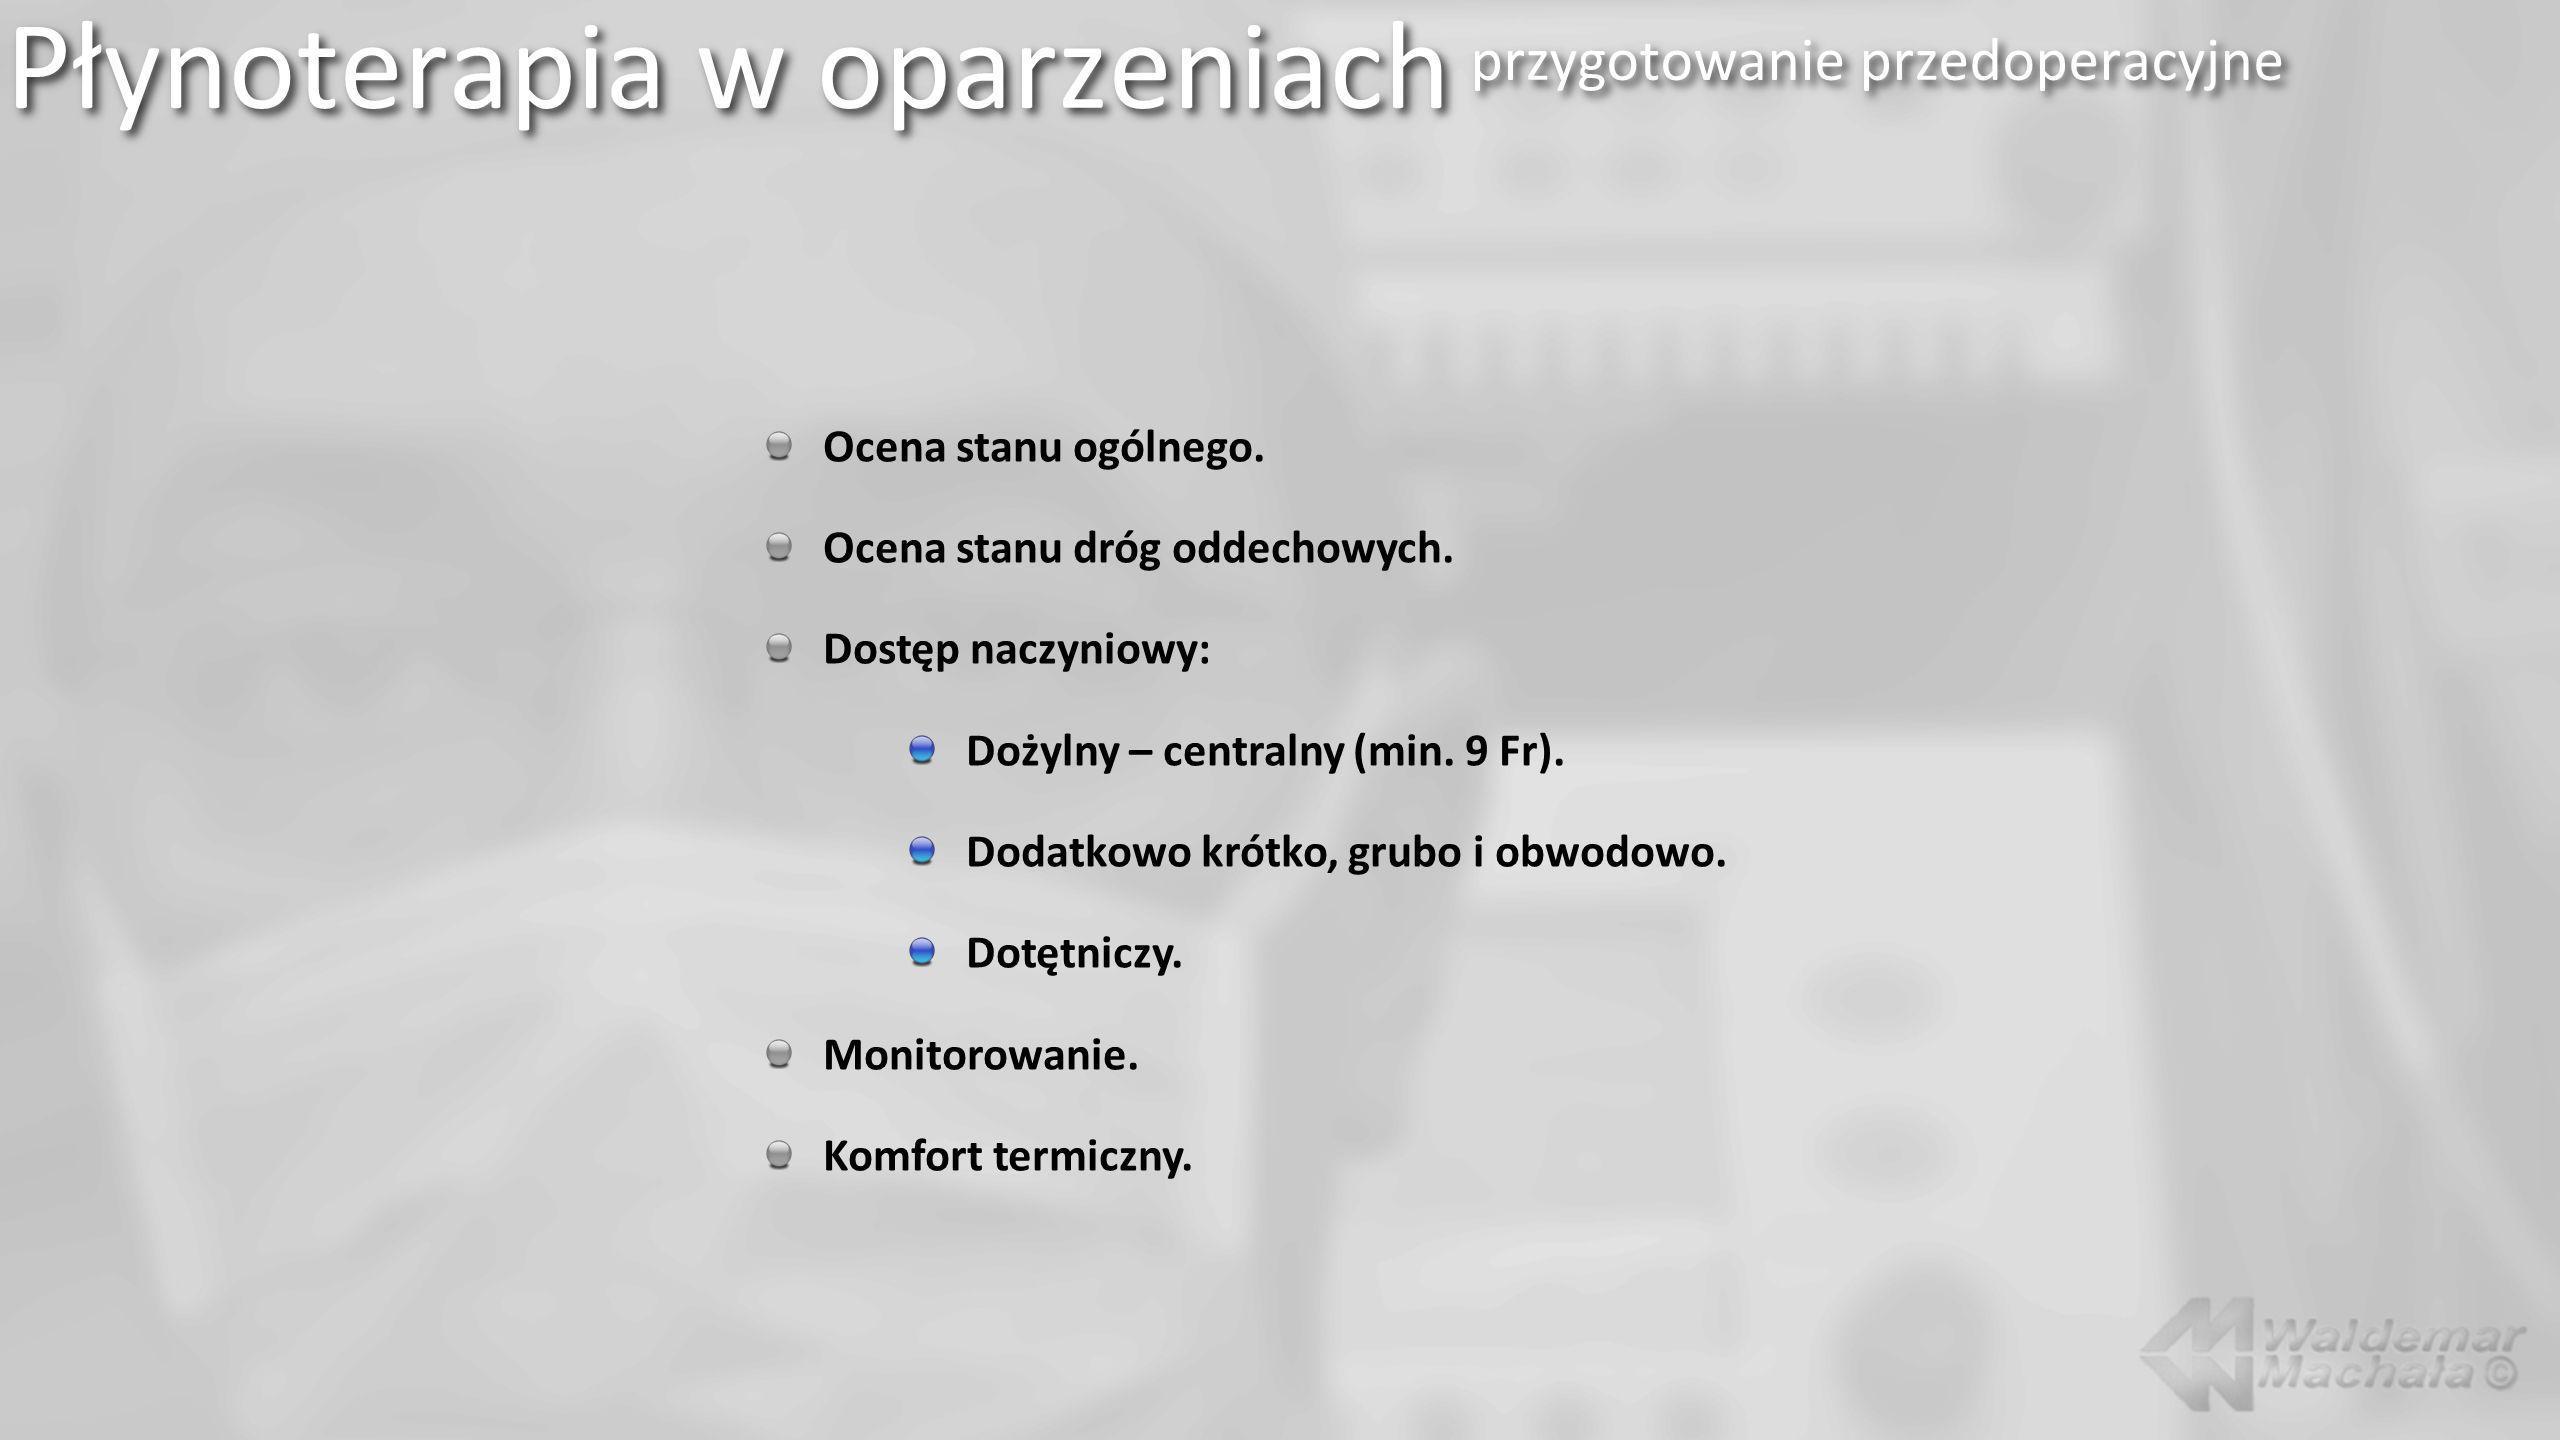 Płynoterapia w oparzeniach przygotowanie przedoperacyjne Ocena stanu ogólnego. Ocena stanu dróg oddechowych. Dostęp naczyniowy: Dożylny – centralny (m